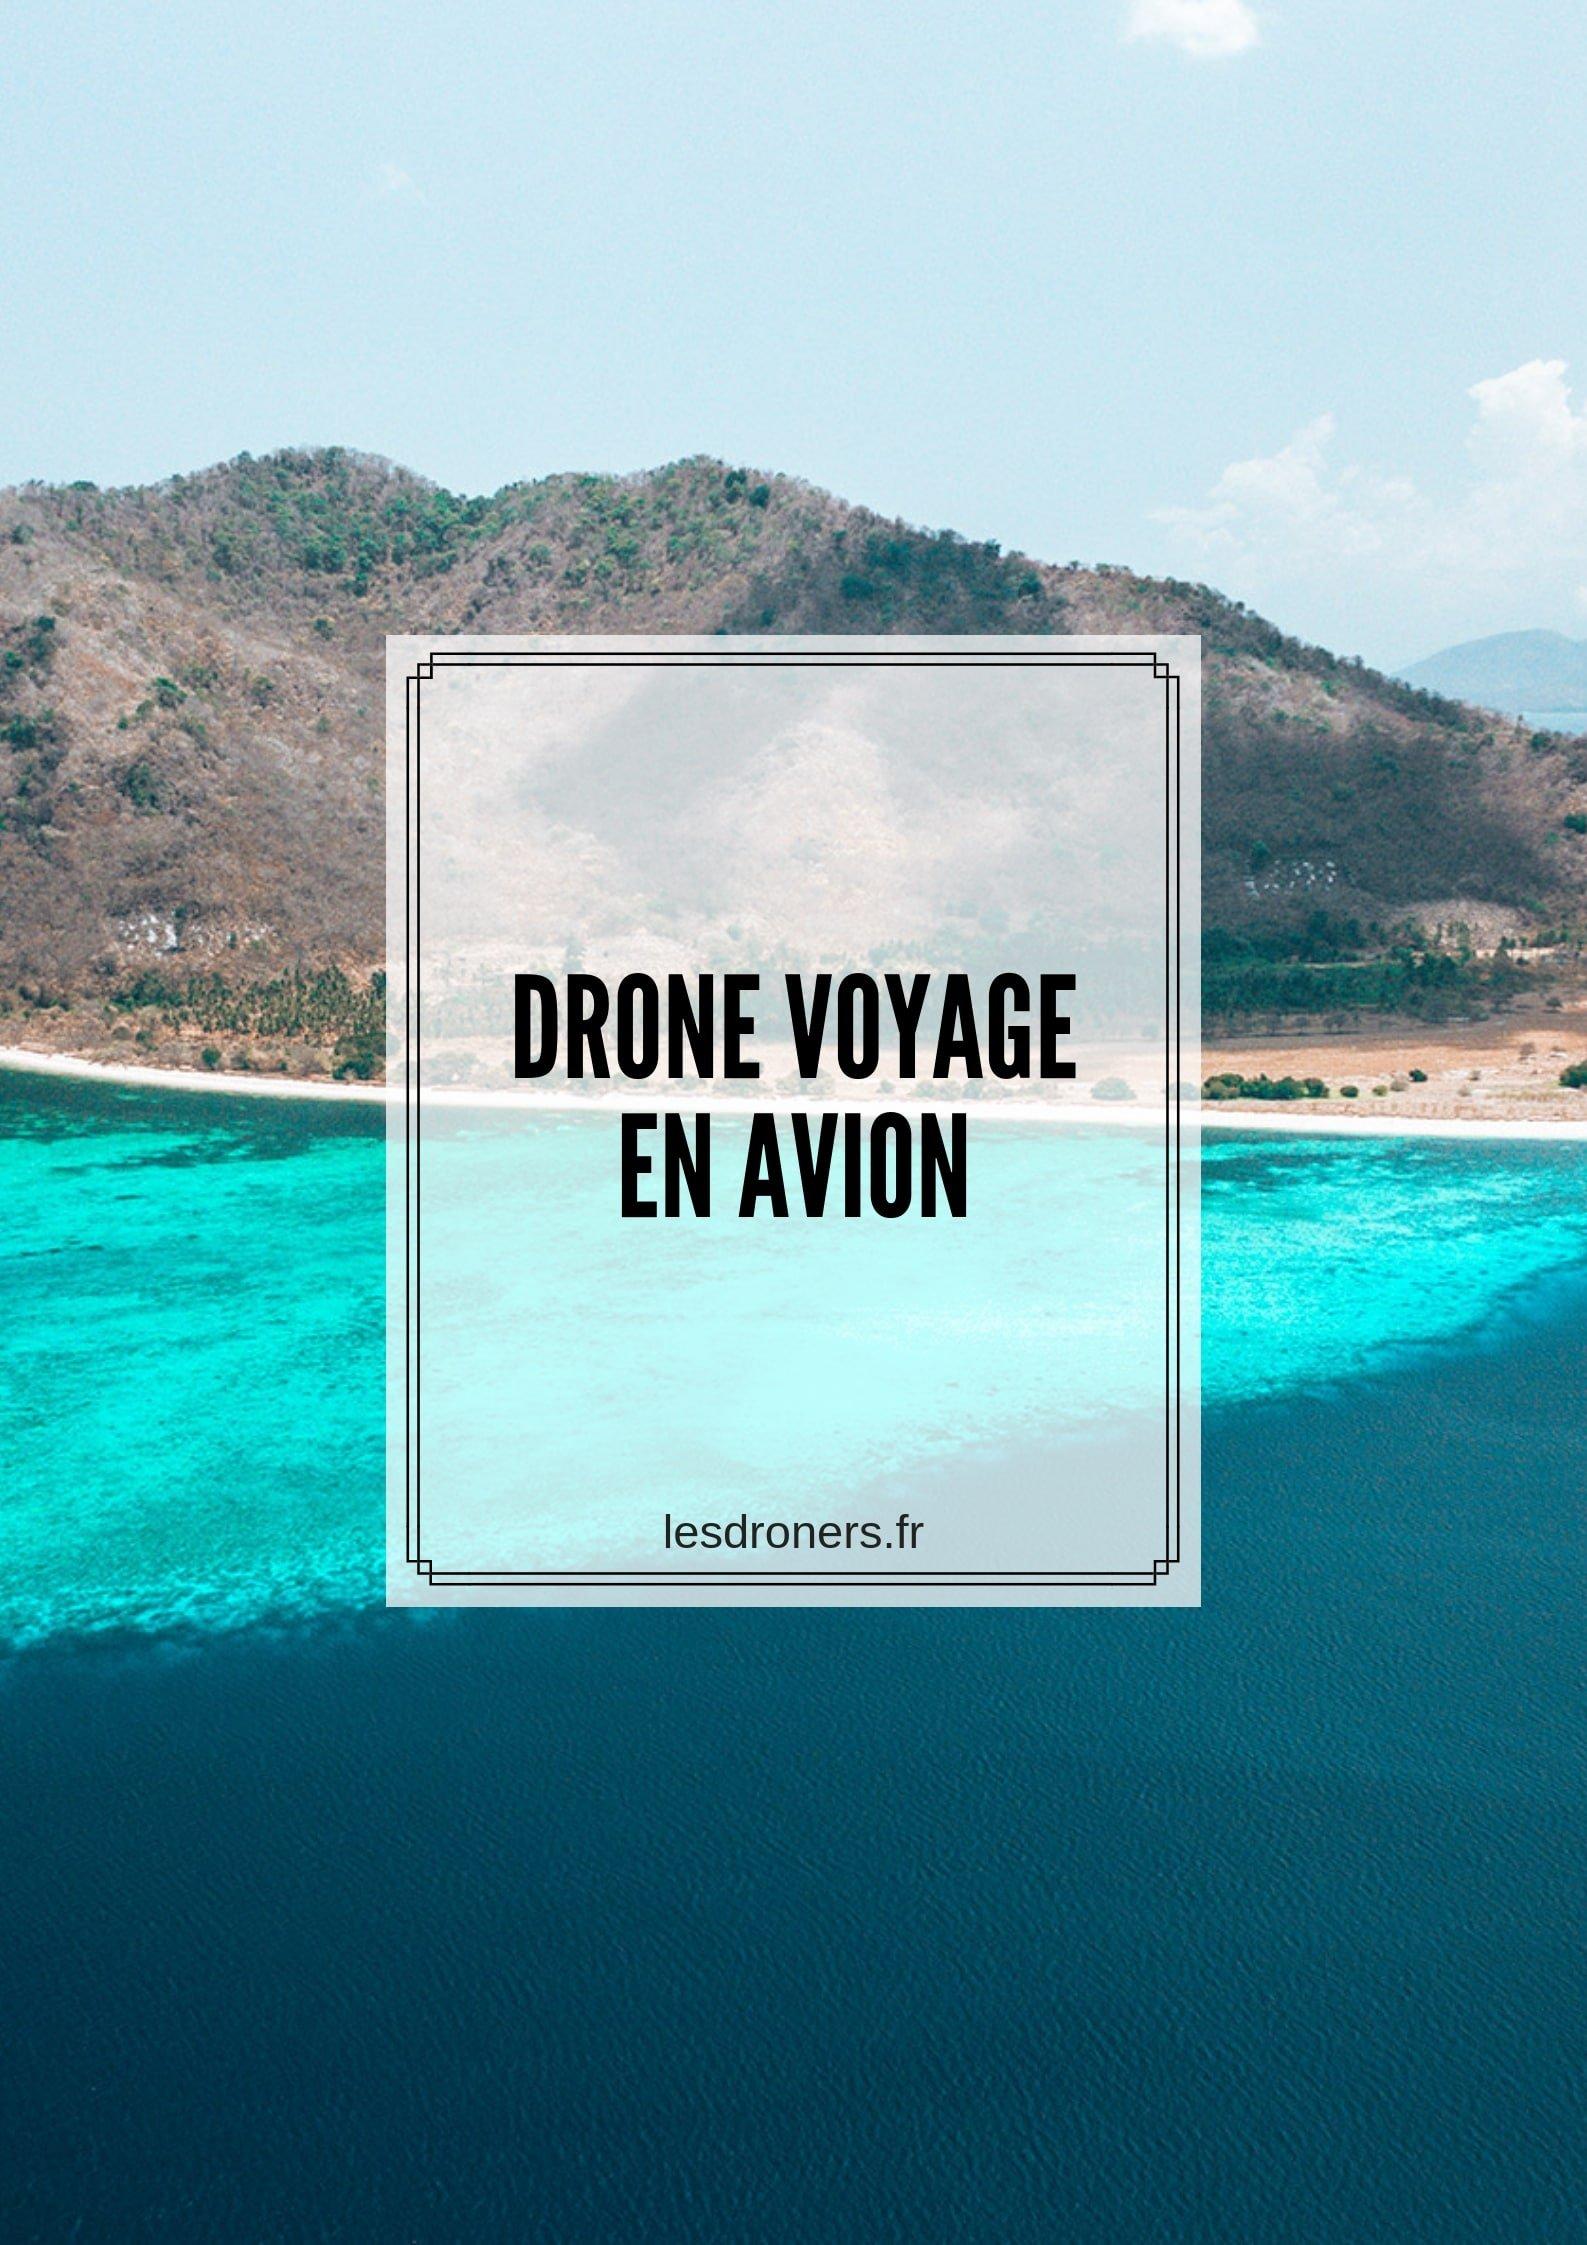 drone voyage en avion